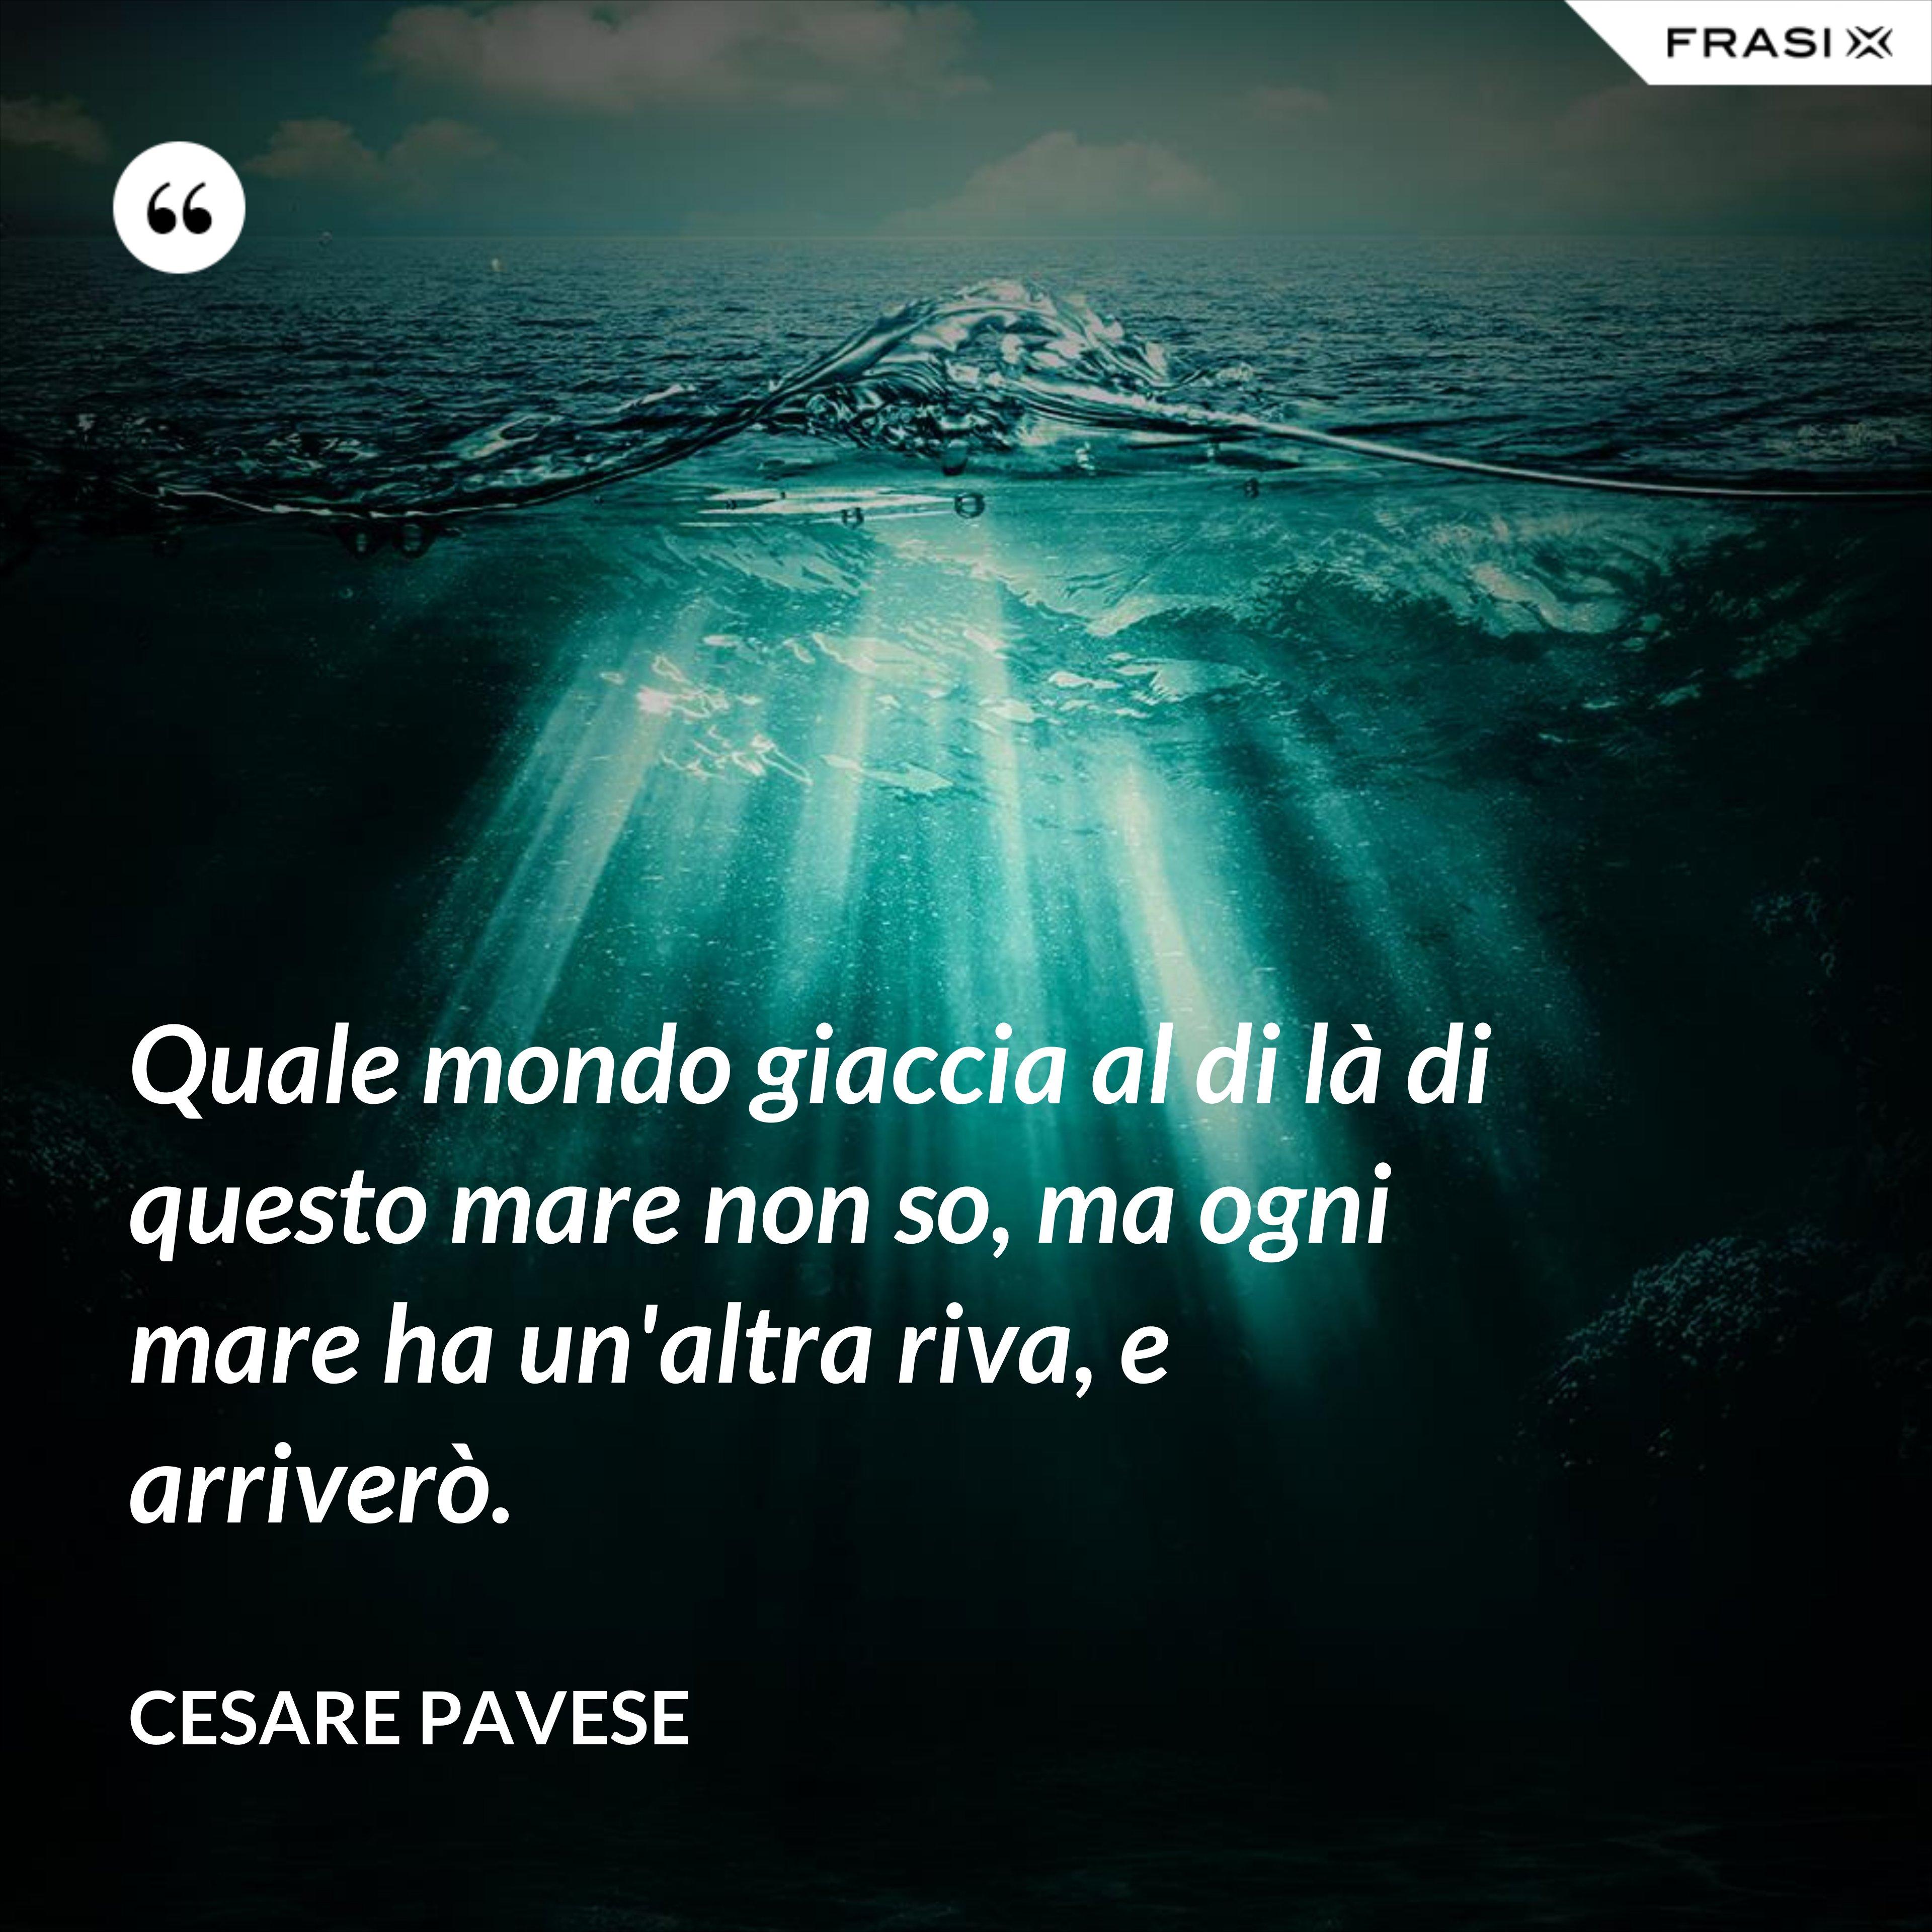 Quale mondo giaccia al di là di questo mare non so, ma ogni mare ha un'altra riva, e arriverò. - Cesare Pavese